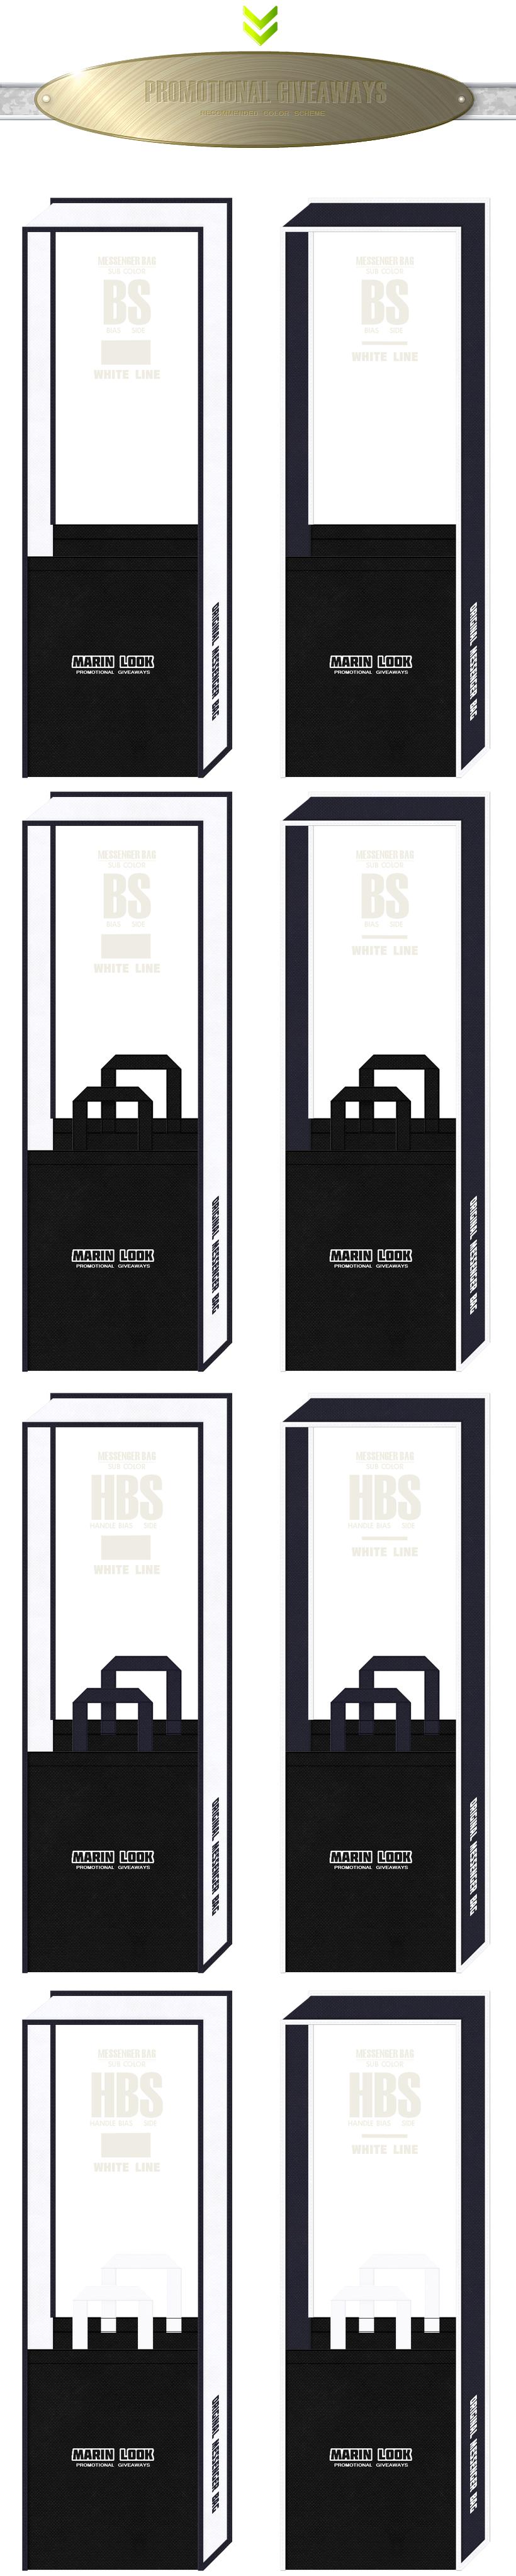 黒色・濃紺色・白色の3色仕様の不織布メッセンジャーバッグのカラーシミュレーション(マリンルック・深海・潜水艦):マリンルック・マリンファッション・マリングッズの販促ノベルティ